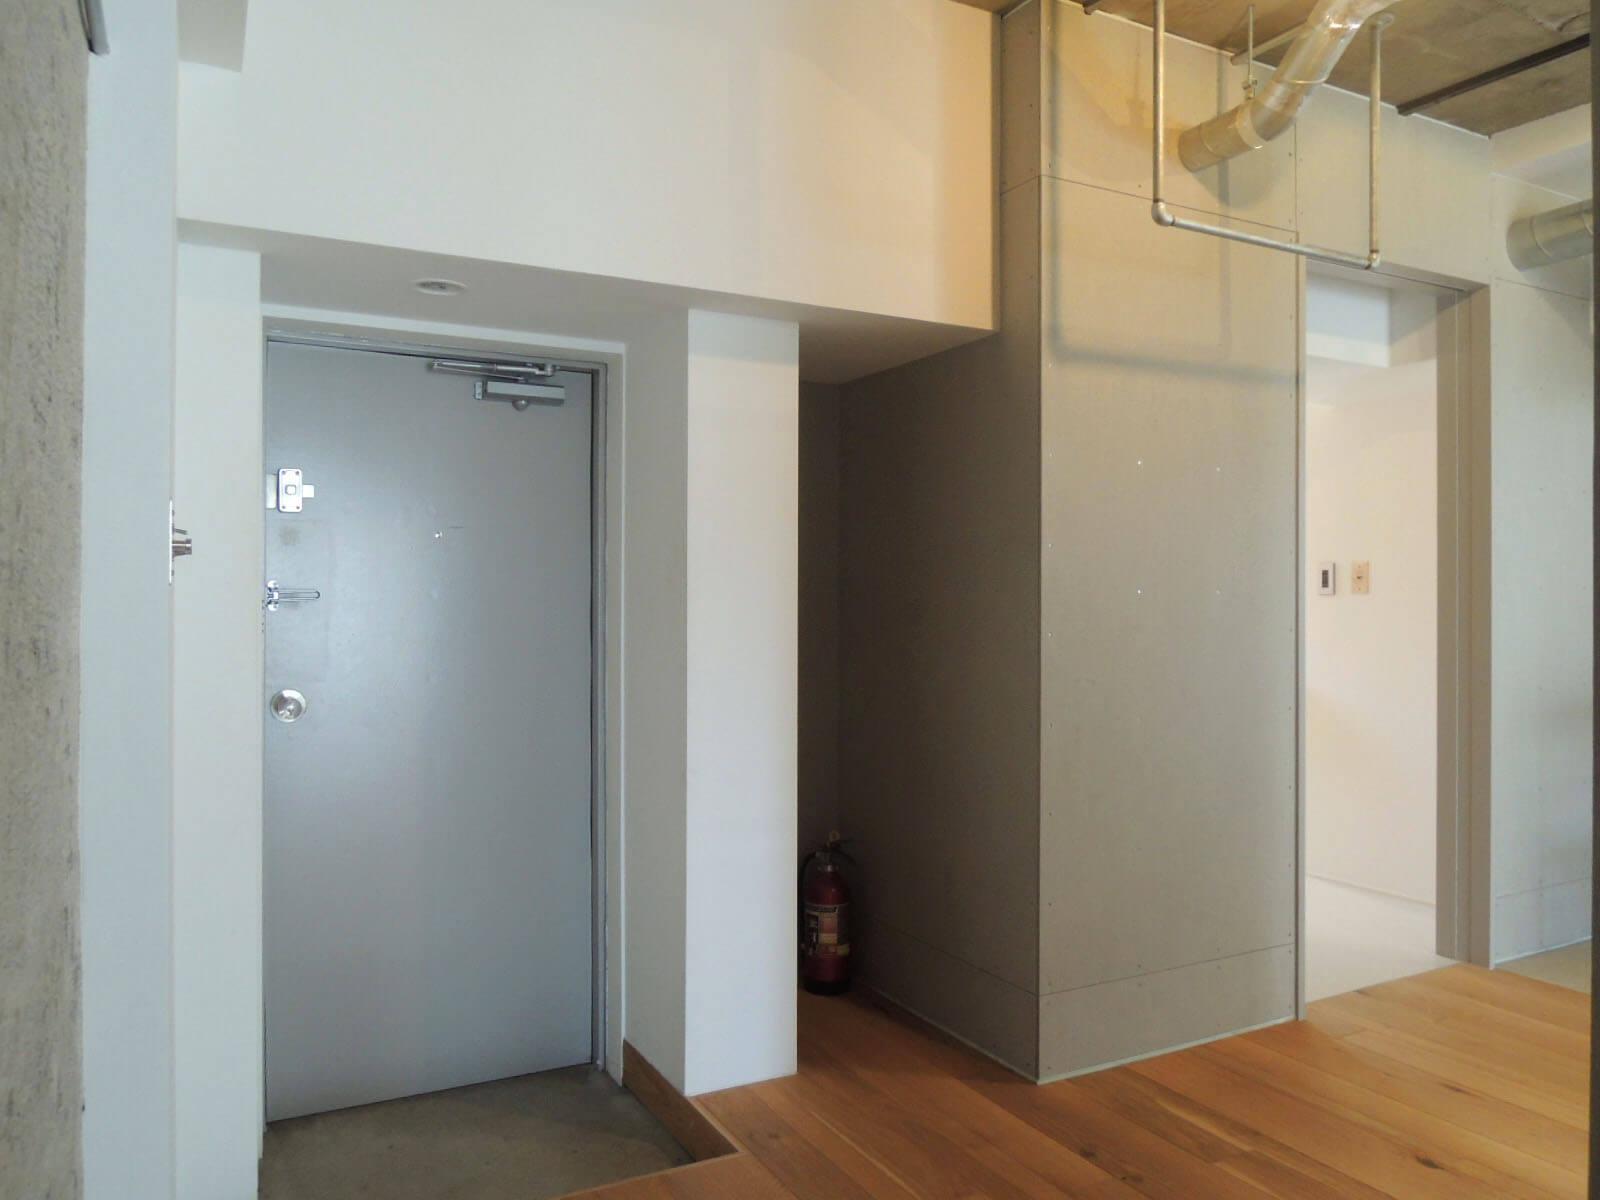 左から玄関 → 何かの置場に生かしたいくぼみ → バス洗面入口